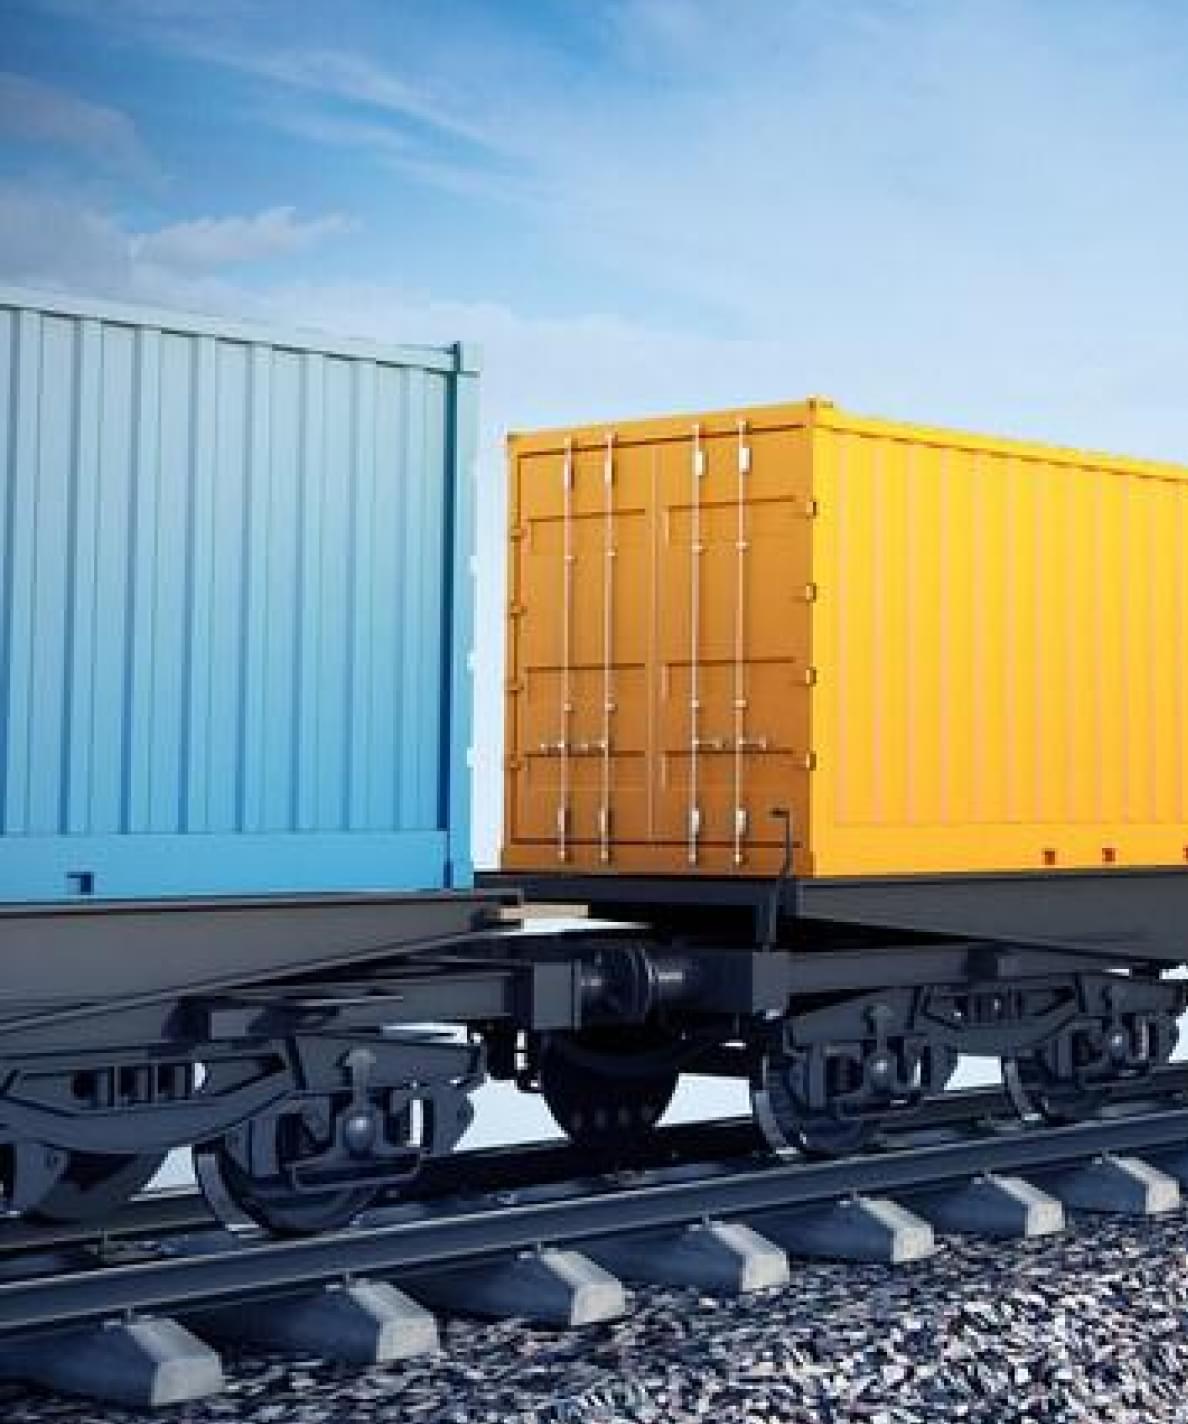 Отправка пиломатериалов в составе контейнерных поездов, повагонными отправками